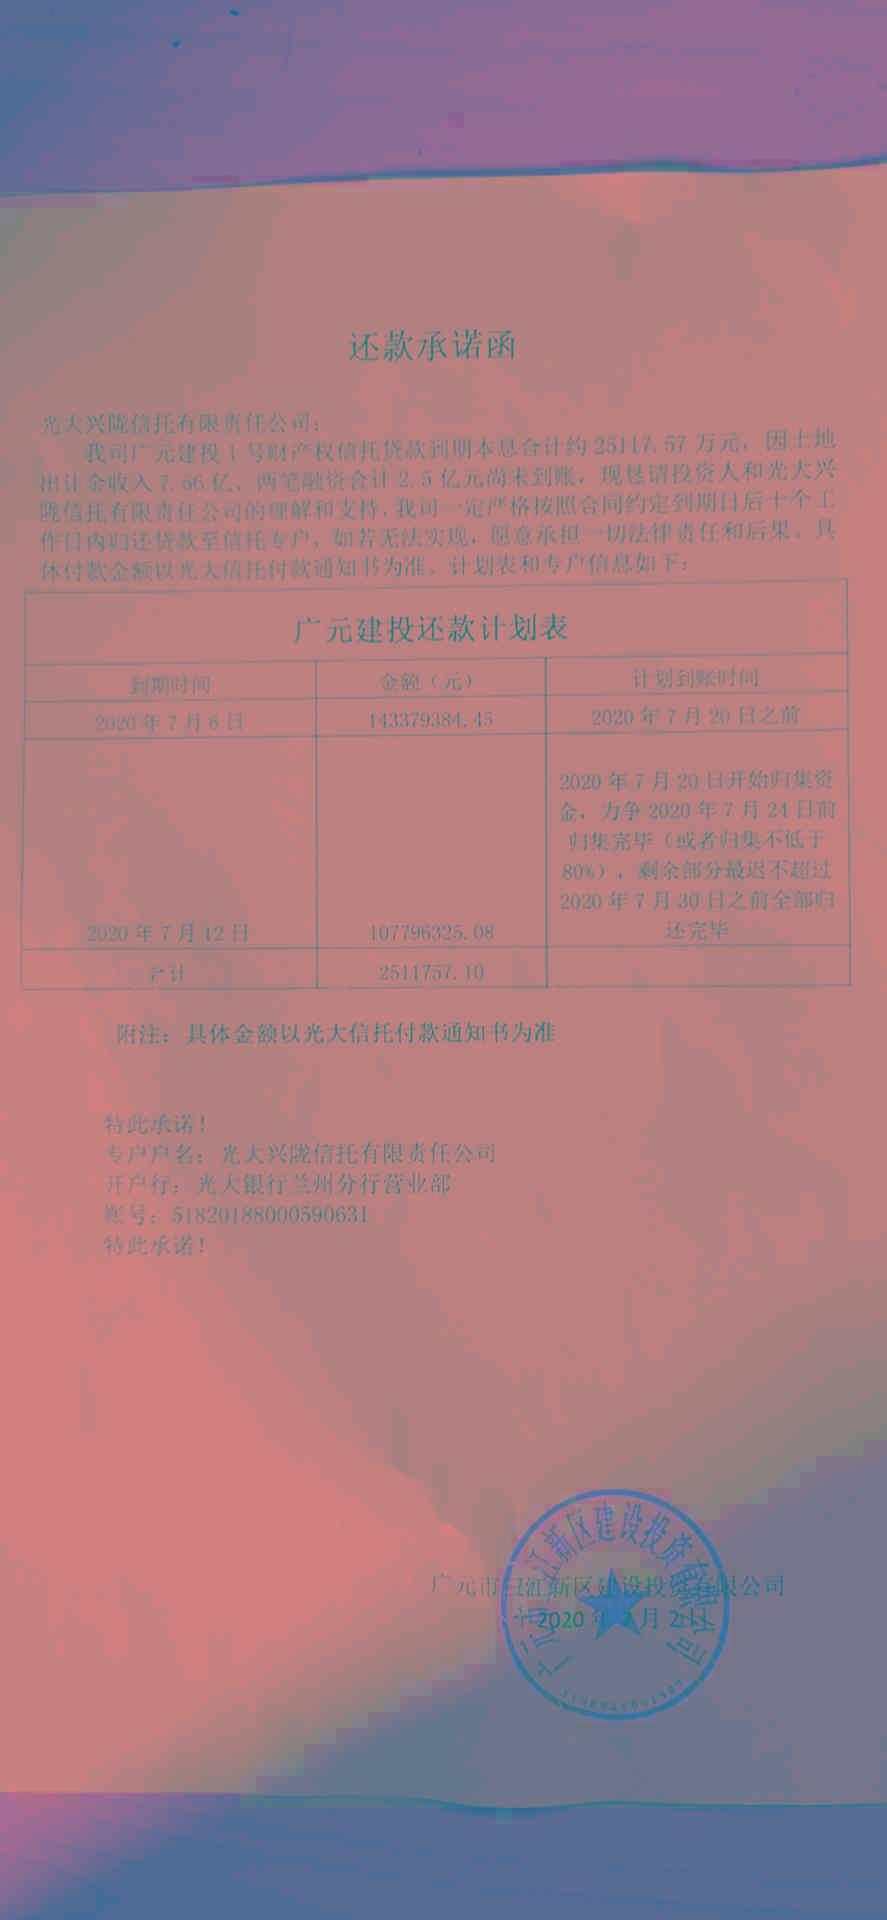 光大信托又一政信项目出现兑付风波,融资方为四川广元城投公司